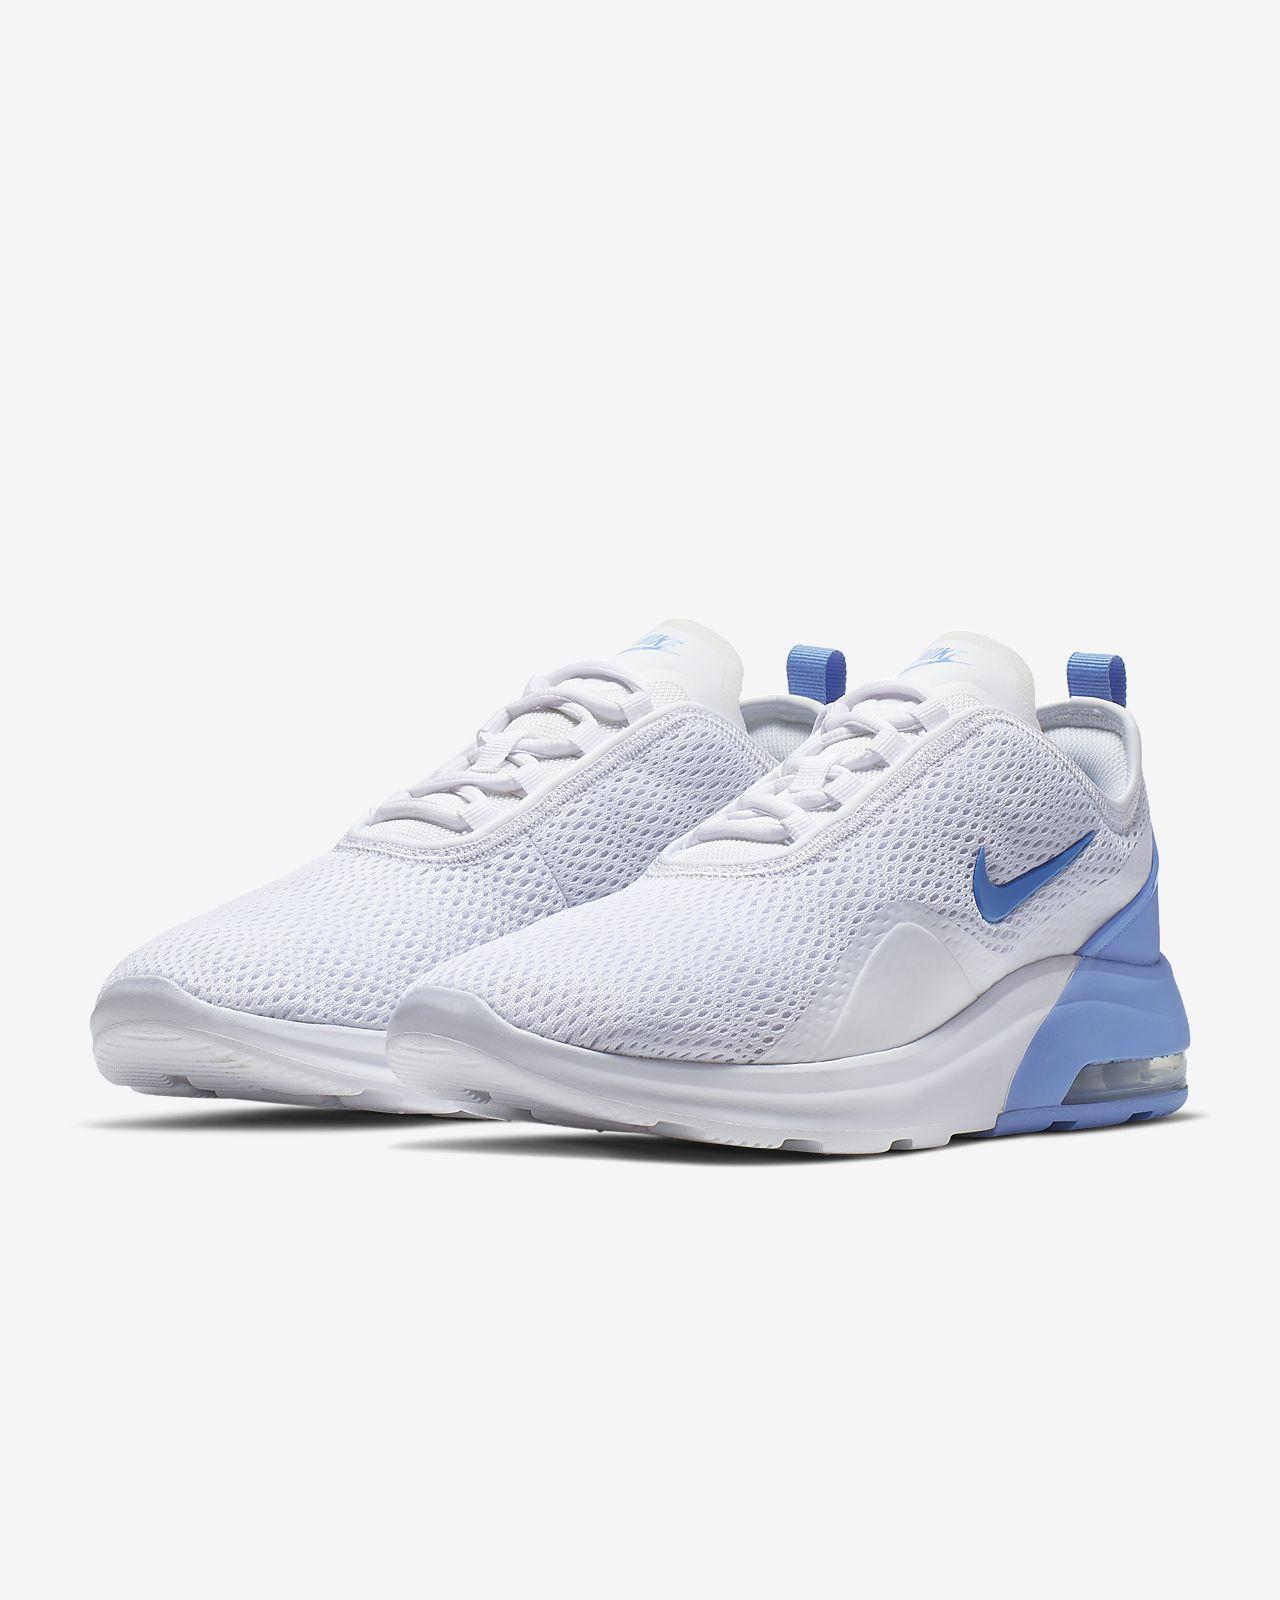 7cbae3be5d73 Nike Air Max Motion 2 Men s Shoe. Nike.com